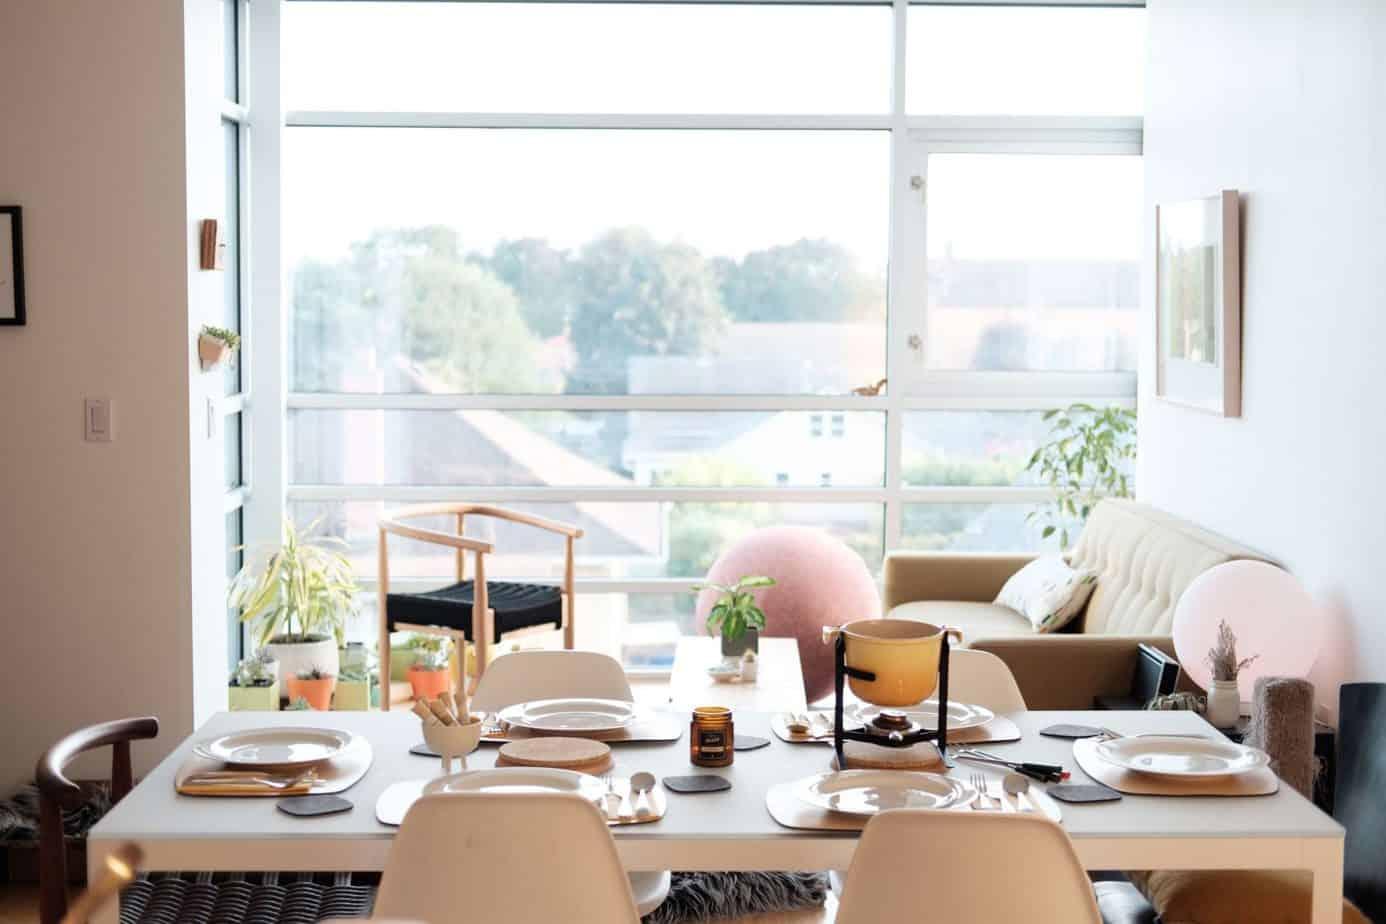 grovemade 239354 unsplash 2 2048x1365 - DIY déco : comment décorer son intérieur sans engager un designer ?